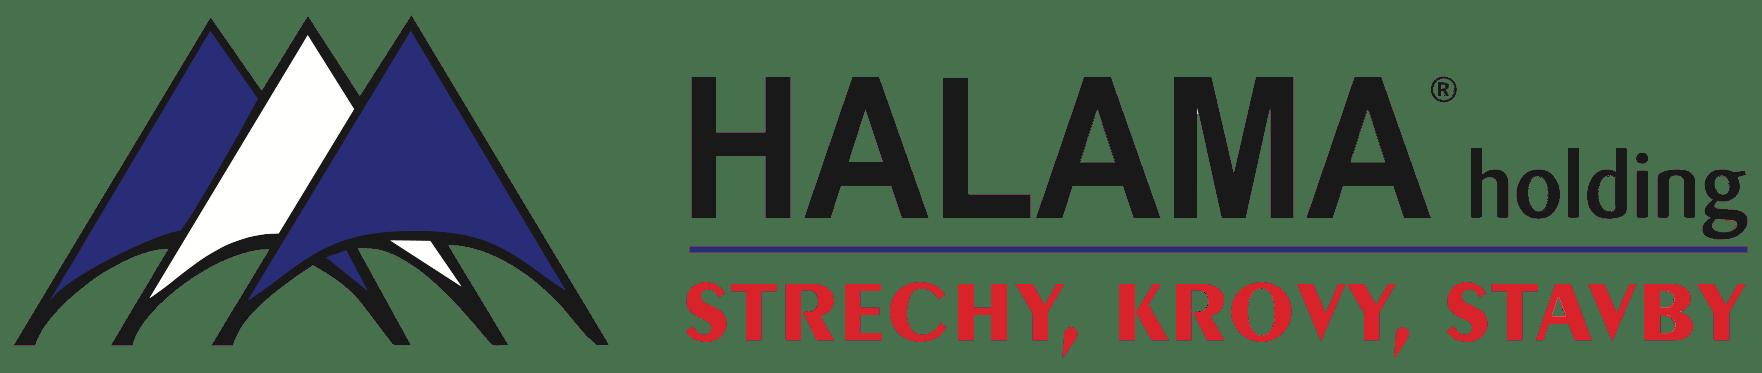 Halama logo